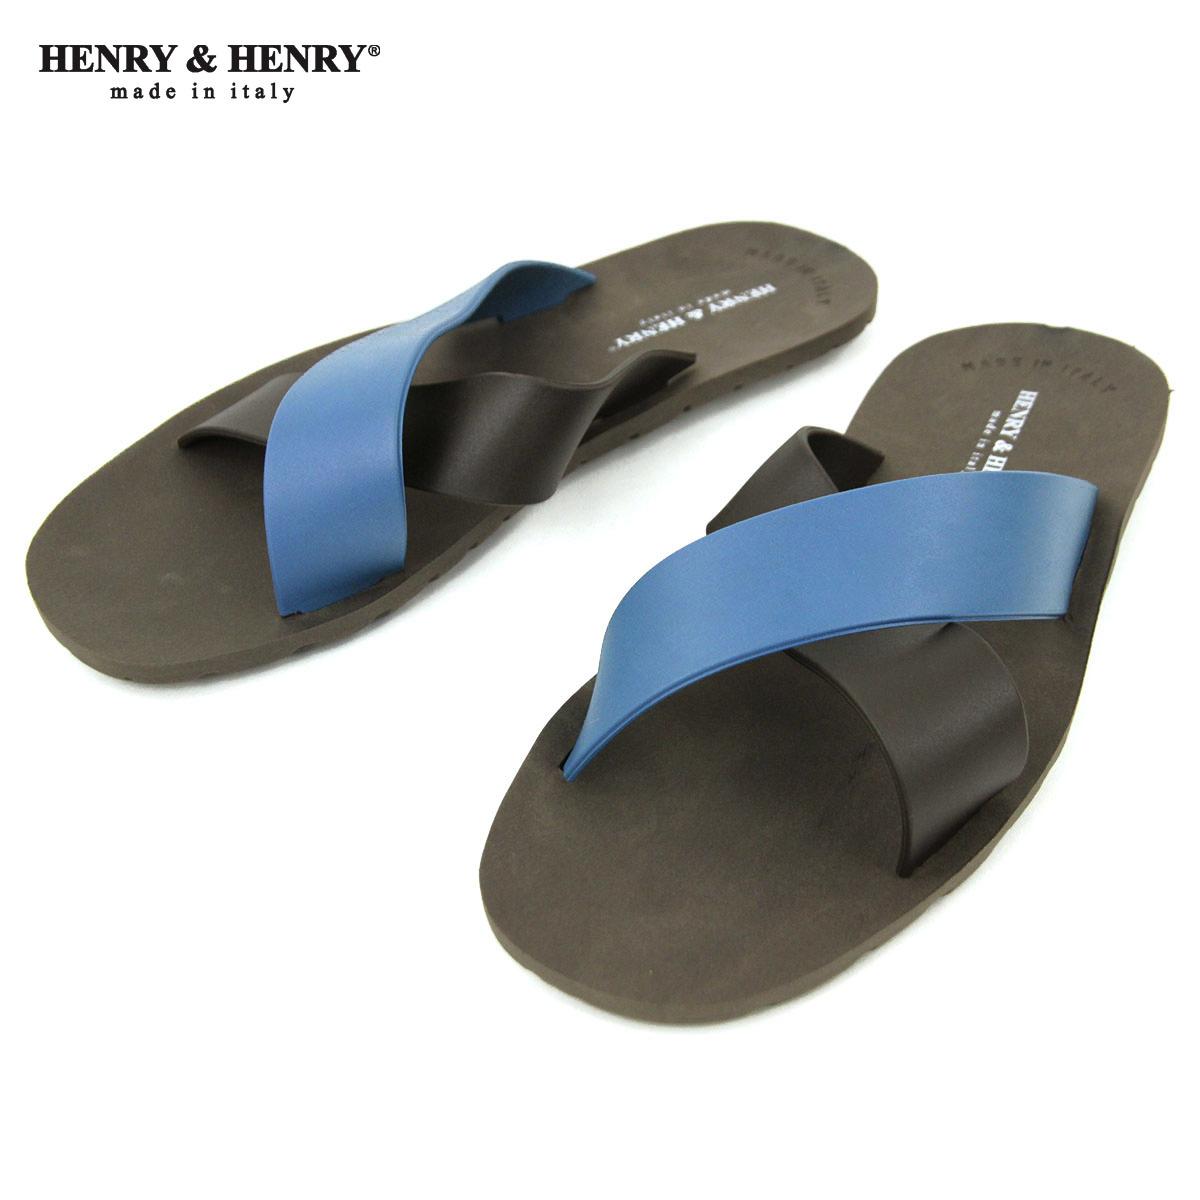 ヘンリーアンドヘンリー サンダル メンズ レディース 正規販売店 HENRY&HENRY ビーチサンダル クロス CROSS SANDAL MARRON / MARRON /PETROL 11 A66B B3C C4D D3E E04F